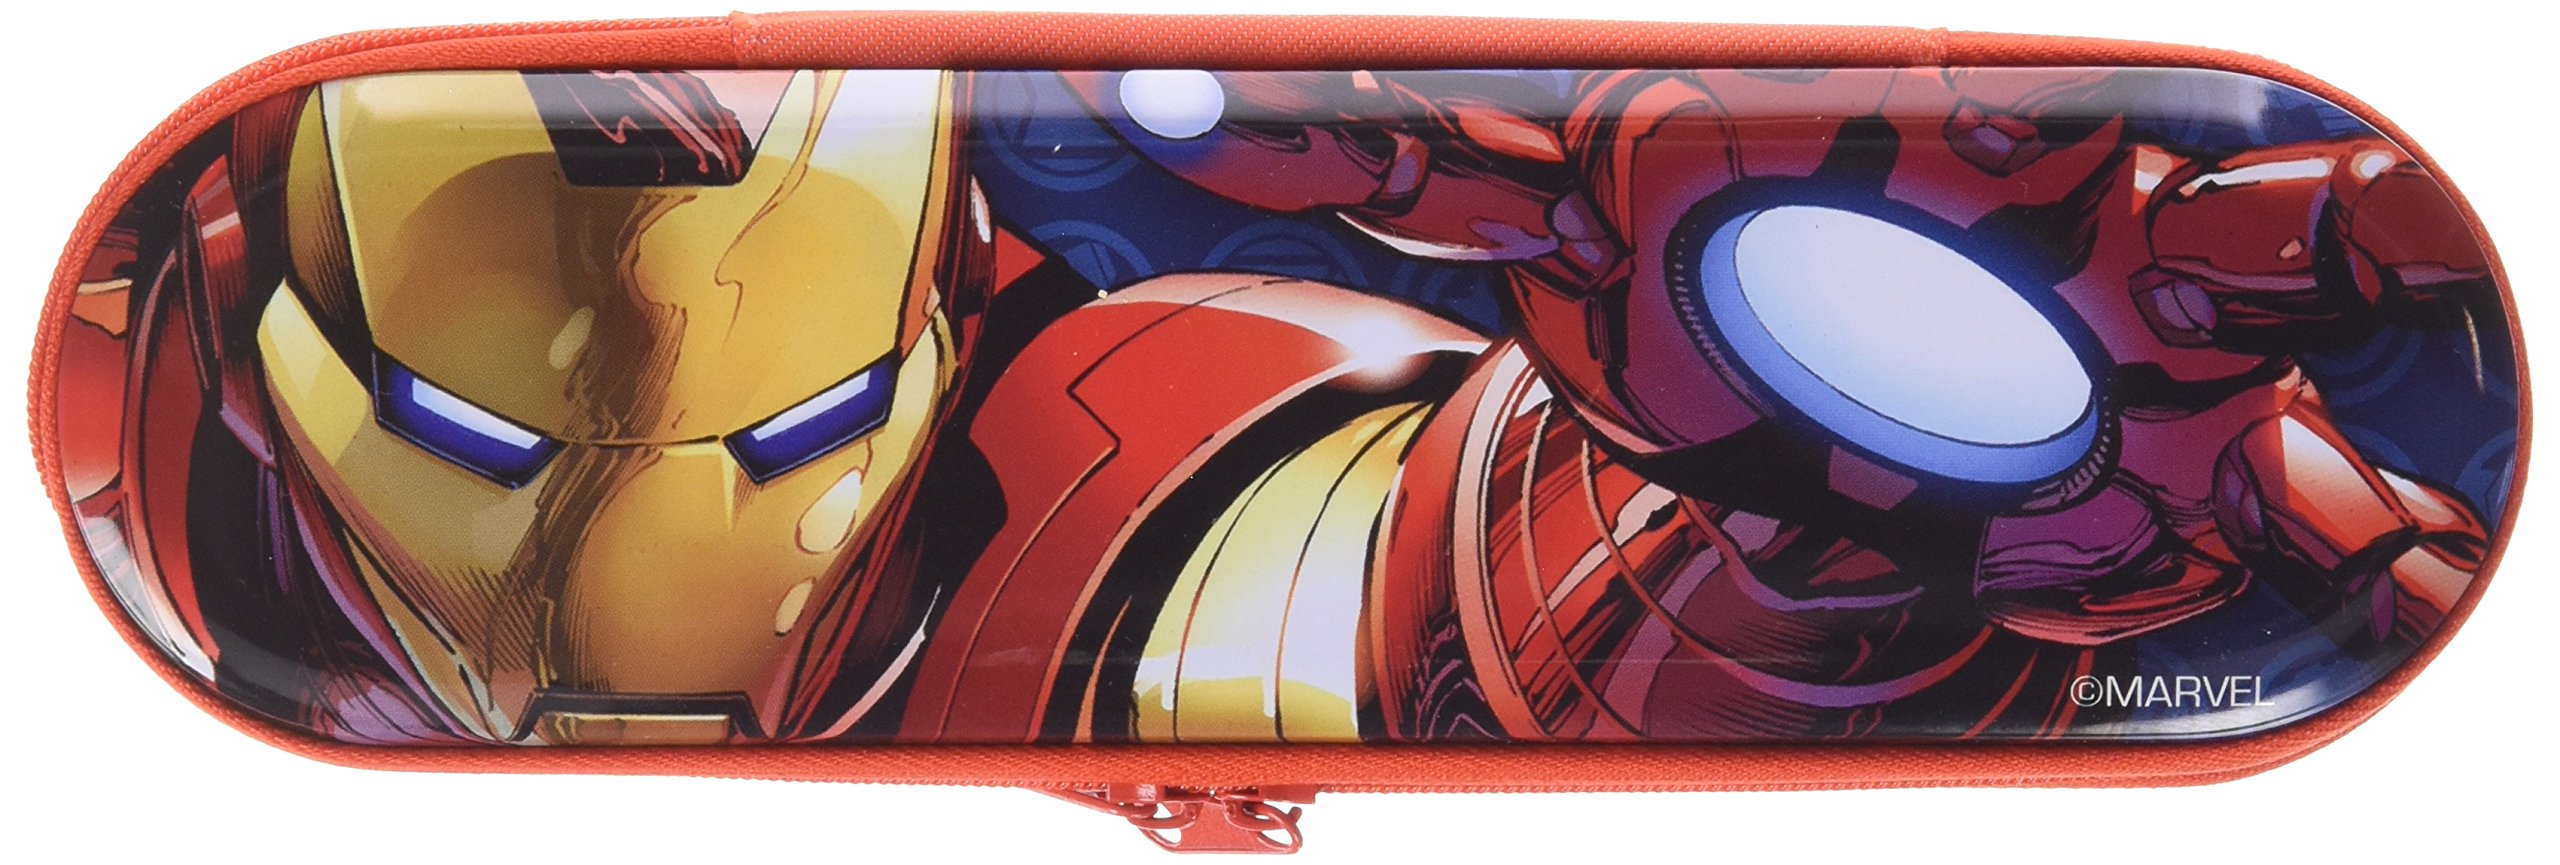 Avengers- The Estuche portatodo de Metal con Cremallera, (Kids Euroswan MV92244)